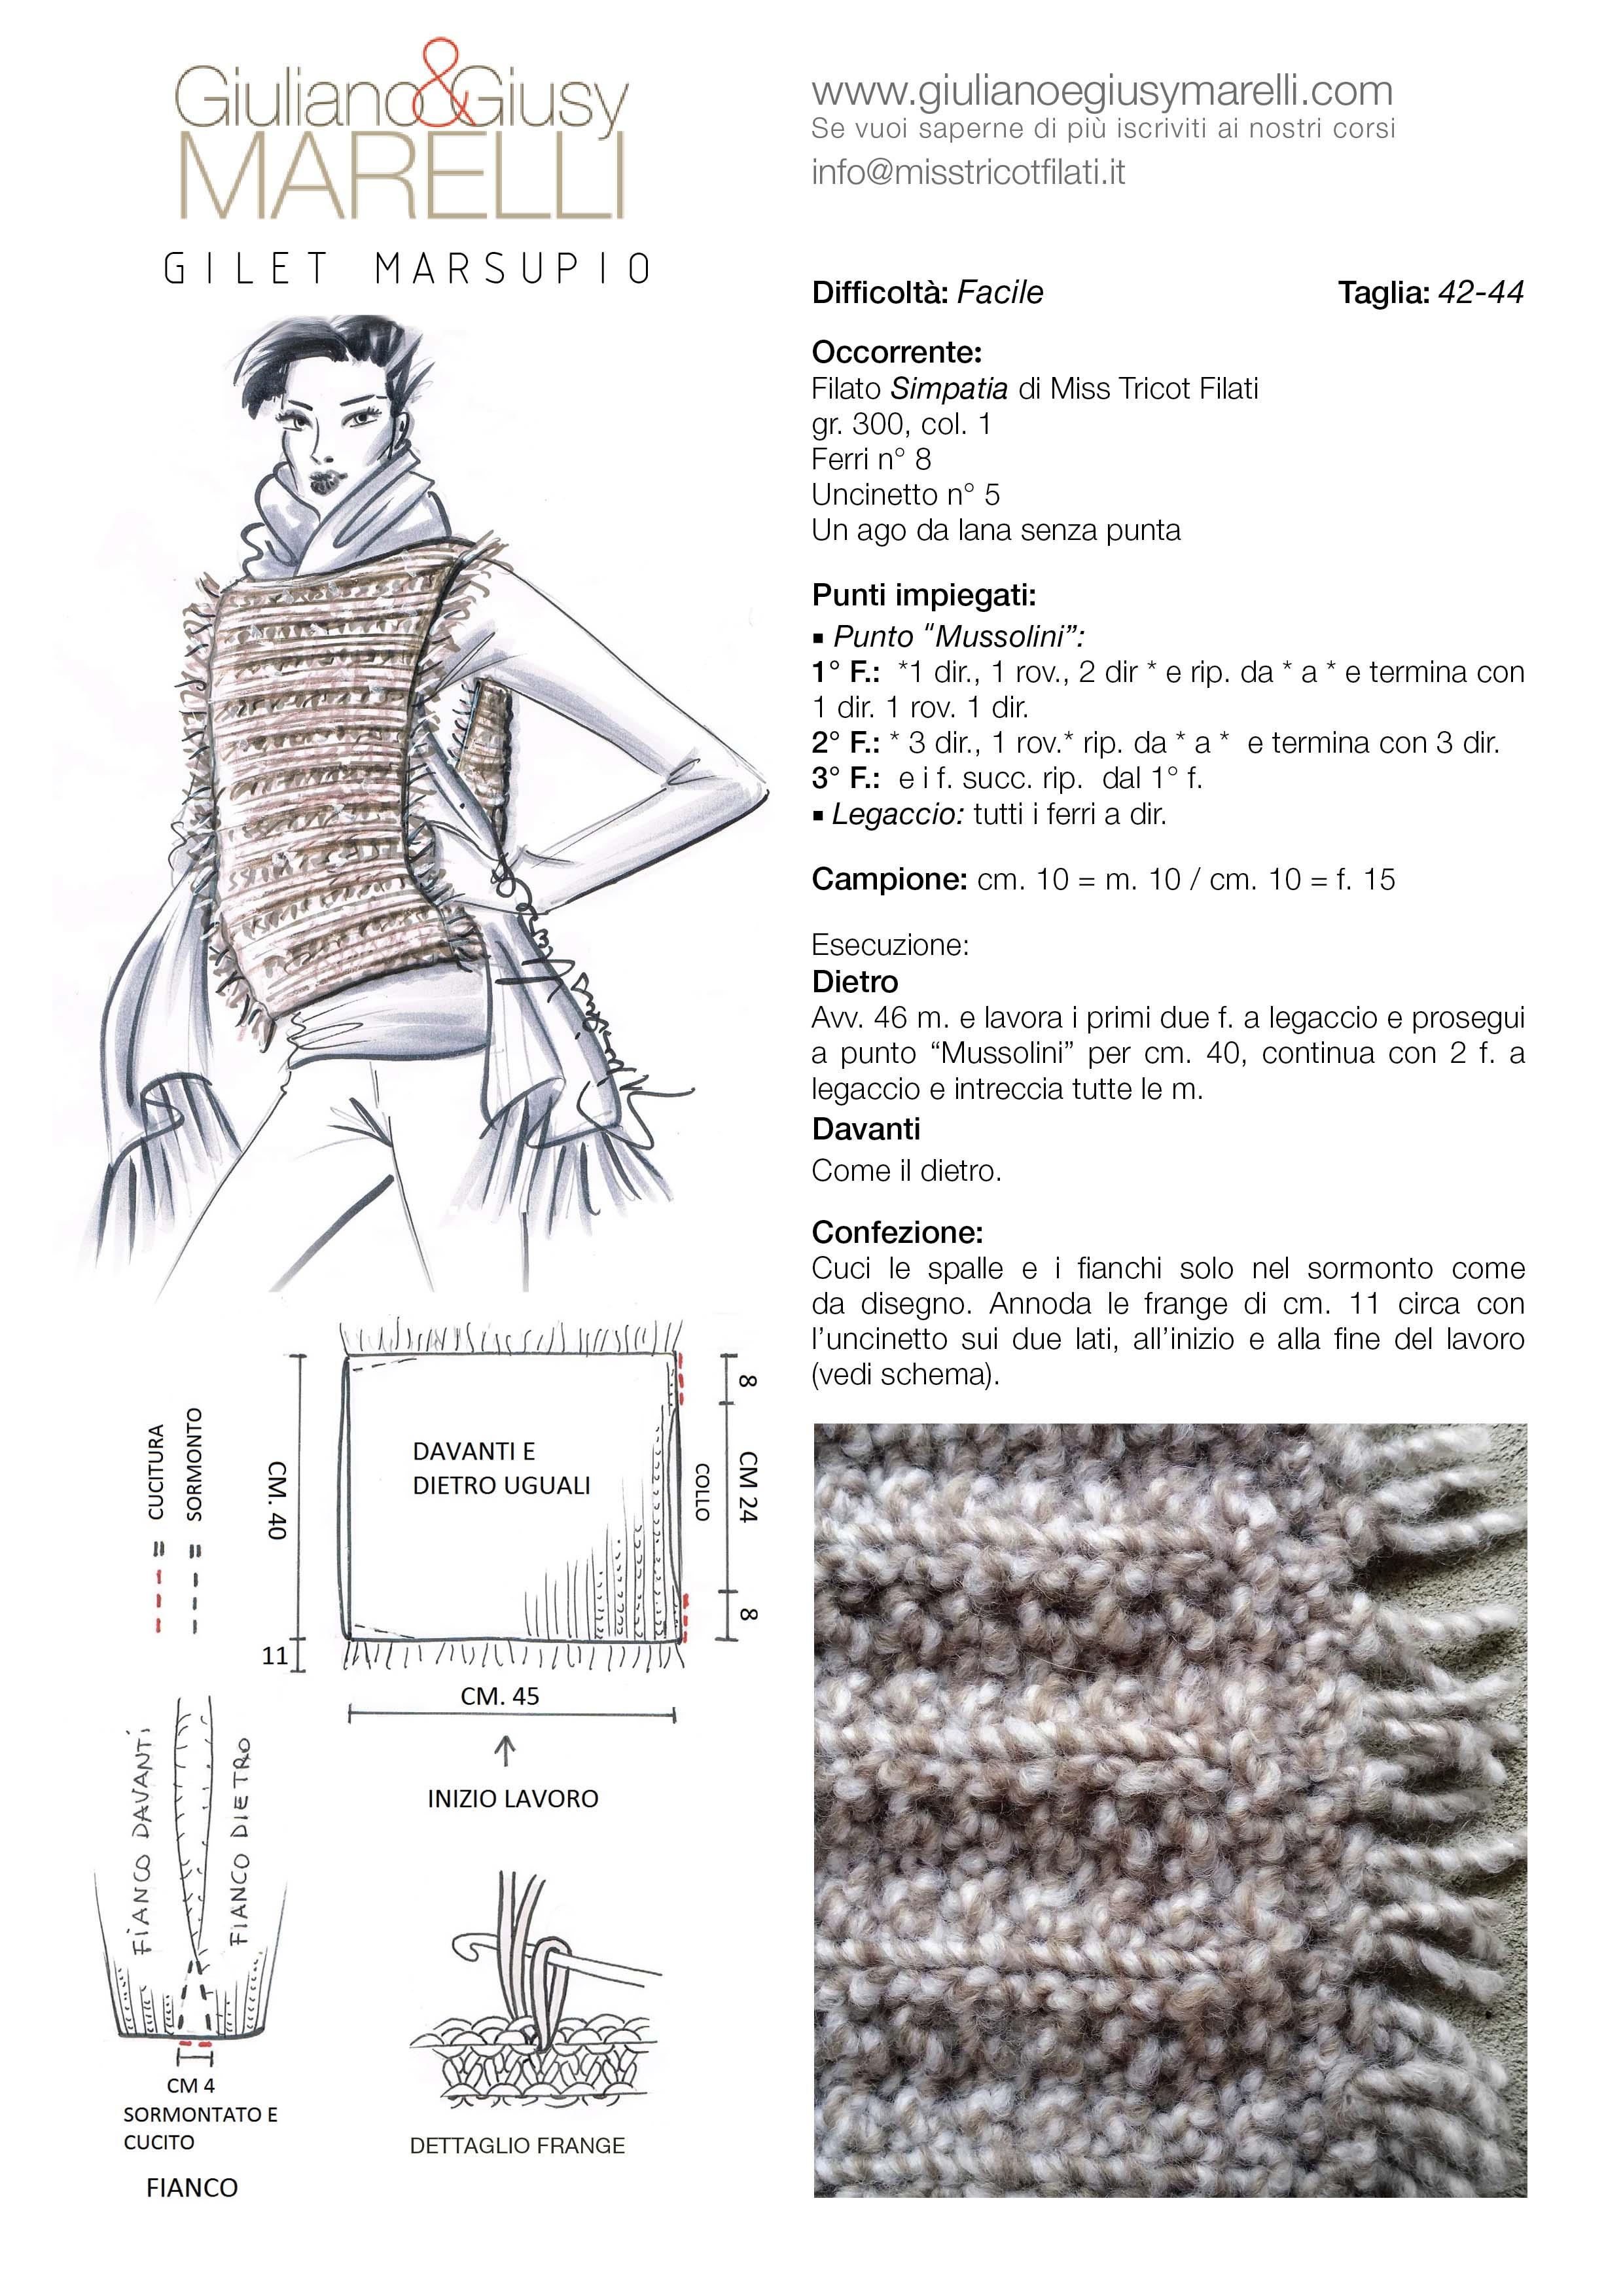 Per chi vuole iniziare l avventura della maglia! Modelli dalle costruzioni  semplici valorizzati dal filato 8620cecd2779